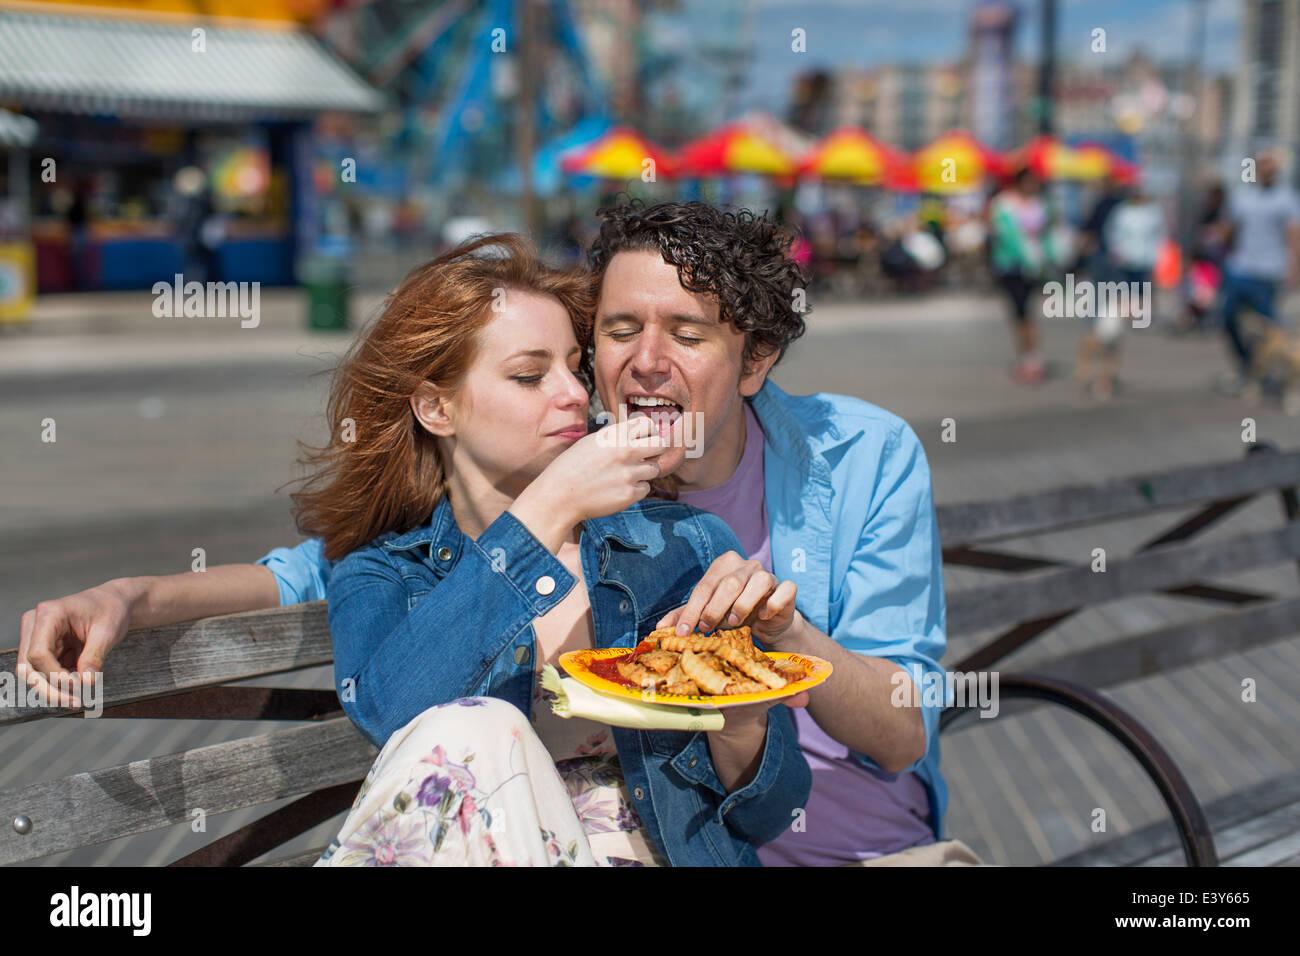 Pareja romántica comiendo patatas fritas en el parque de diversiones Imagen De Stock